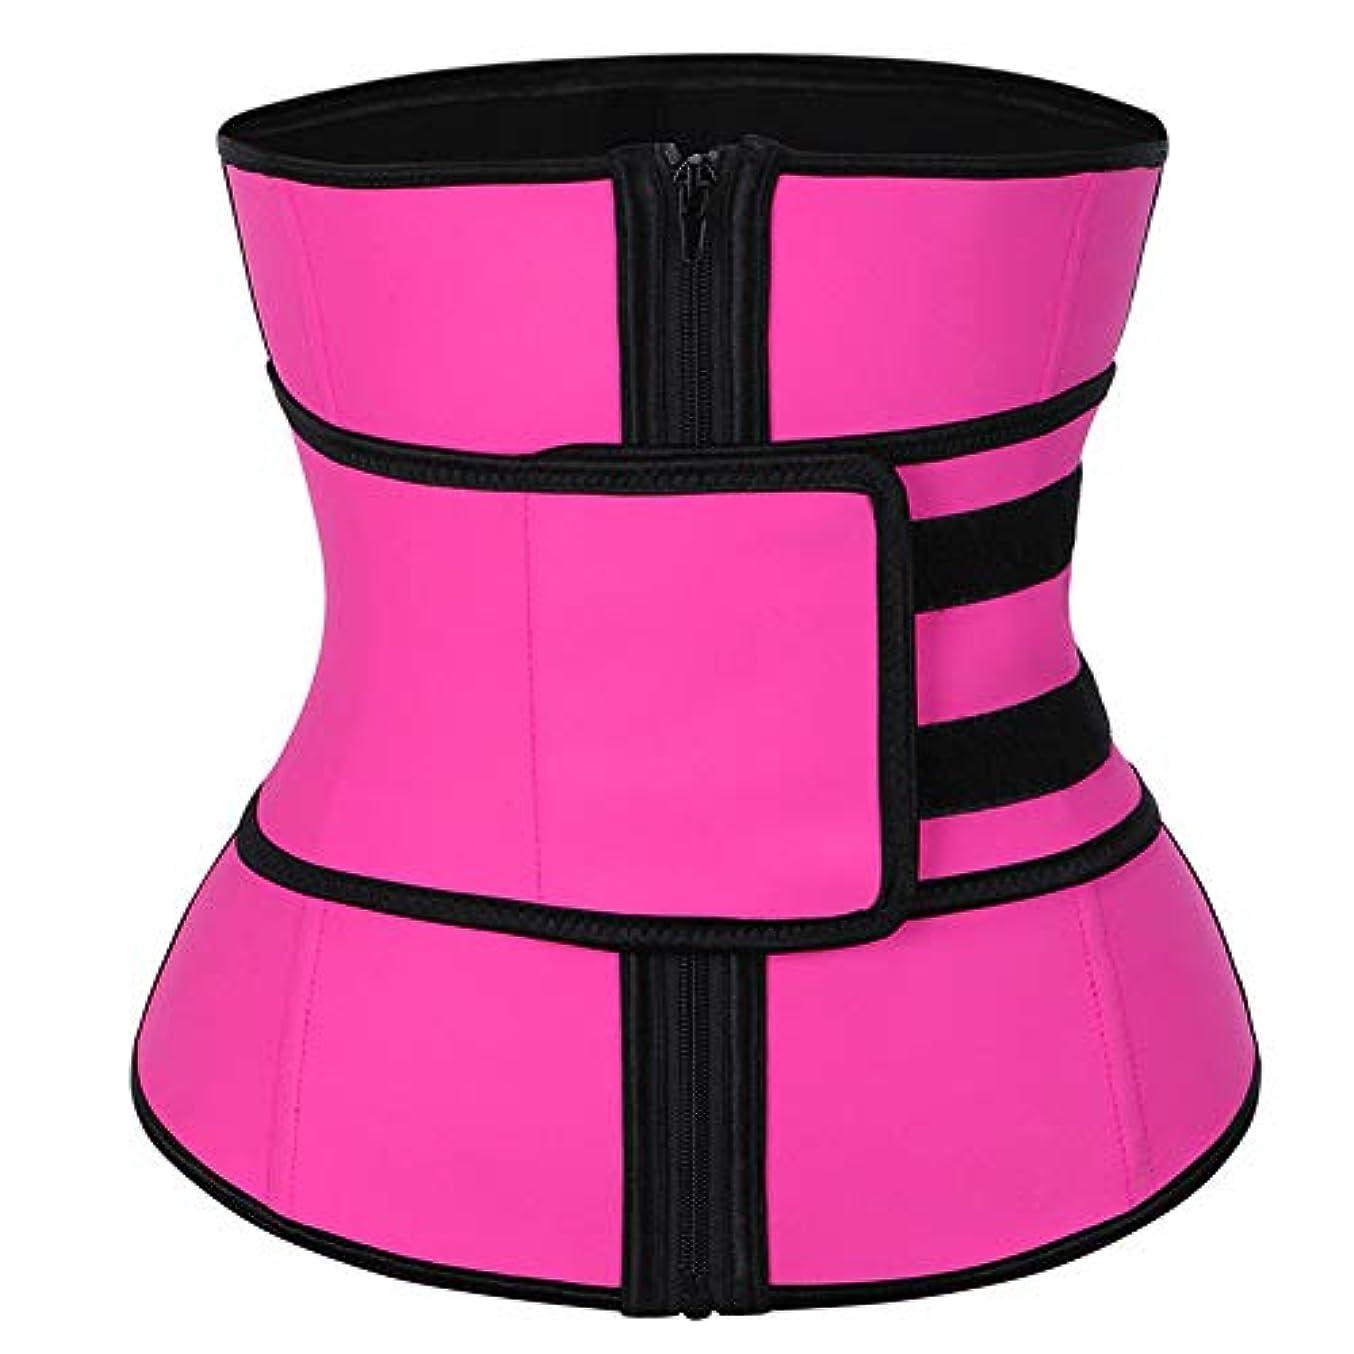 束ねる愛情深い埋め込む女性のウエストトレーニングコルセットコルセットネオプレン付きジッパーウエストスリムベルトラテックスラテックス通気性ウエストボディシェイプ,Pink,XL